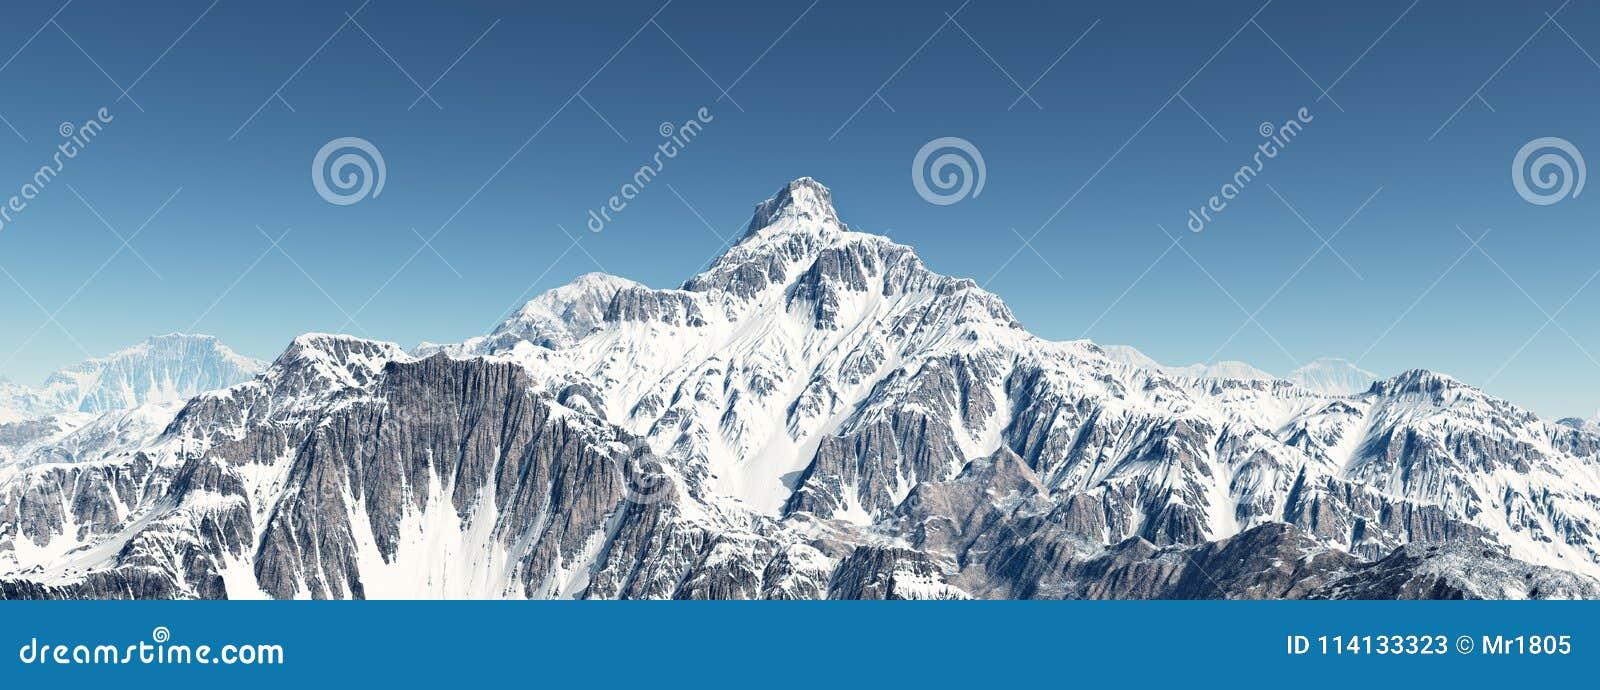 Pomarańczowy górski filtra panorama niebios